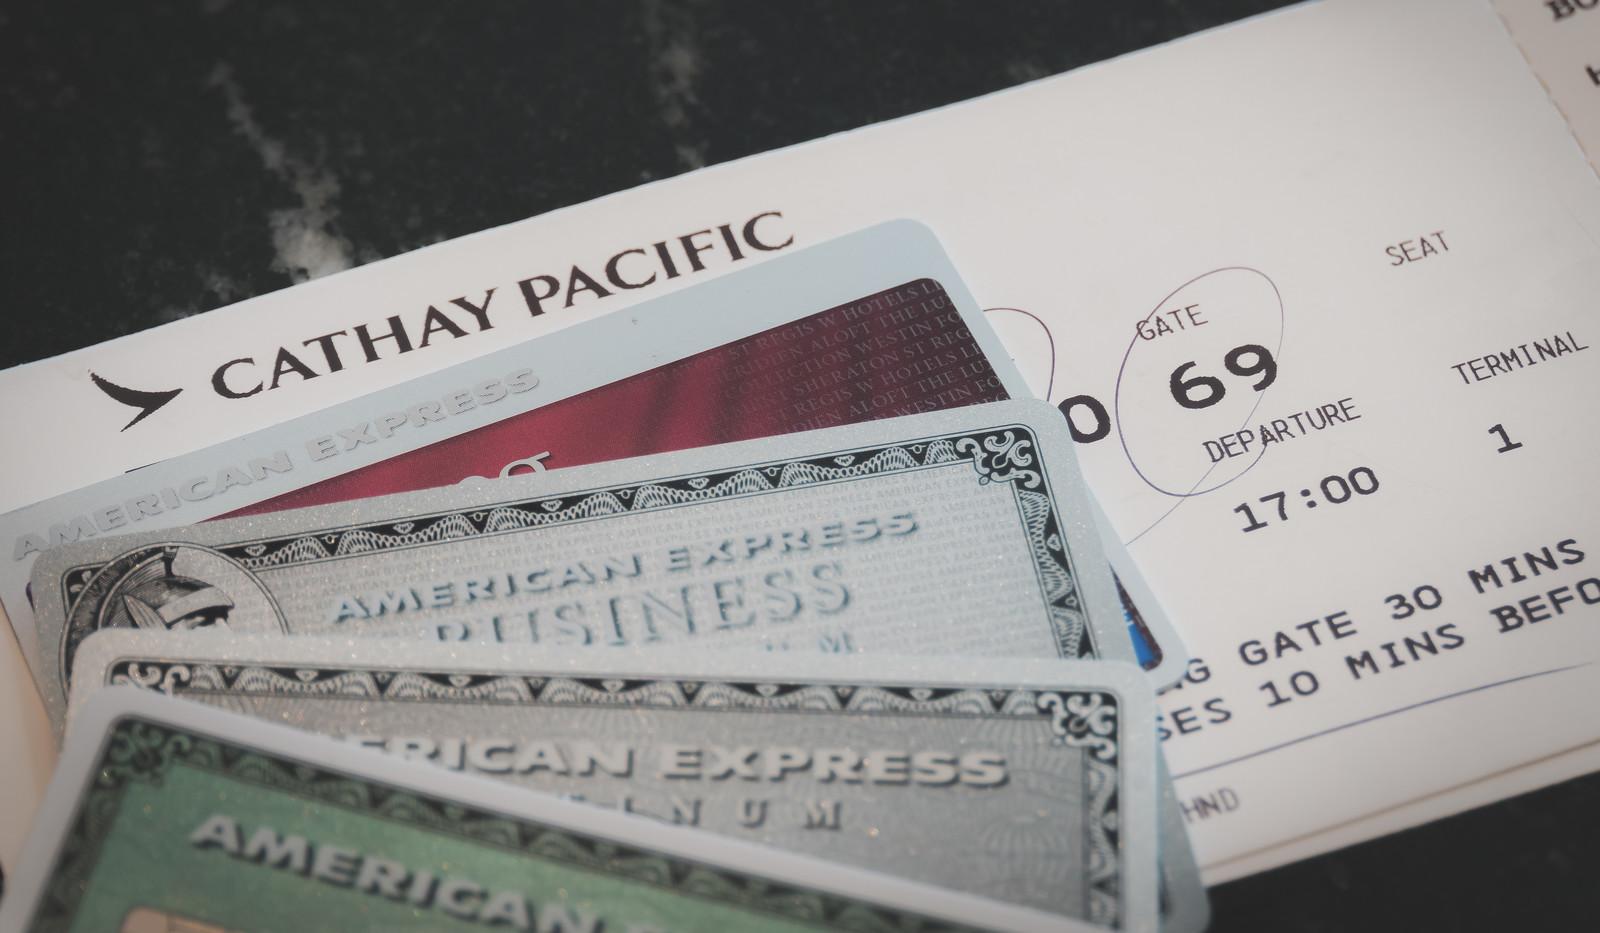 旅行のフォトブック:チケットの写真